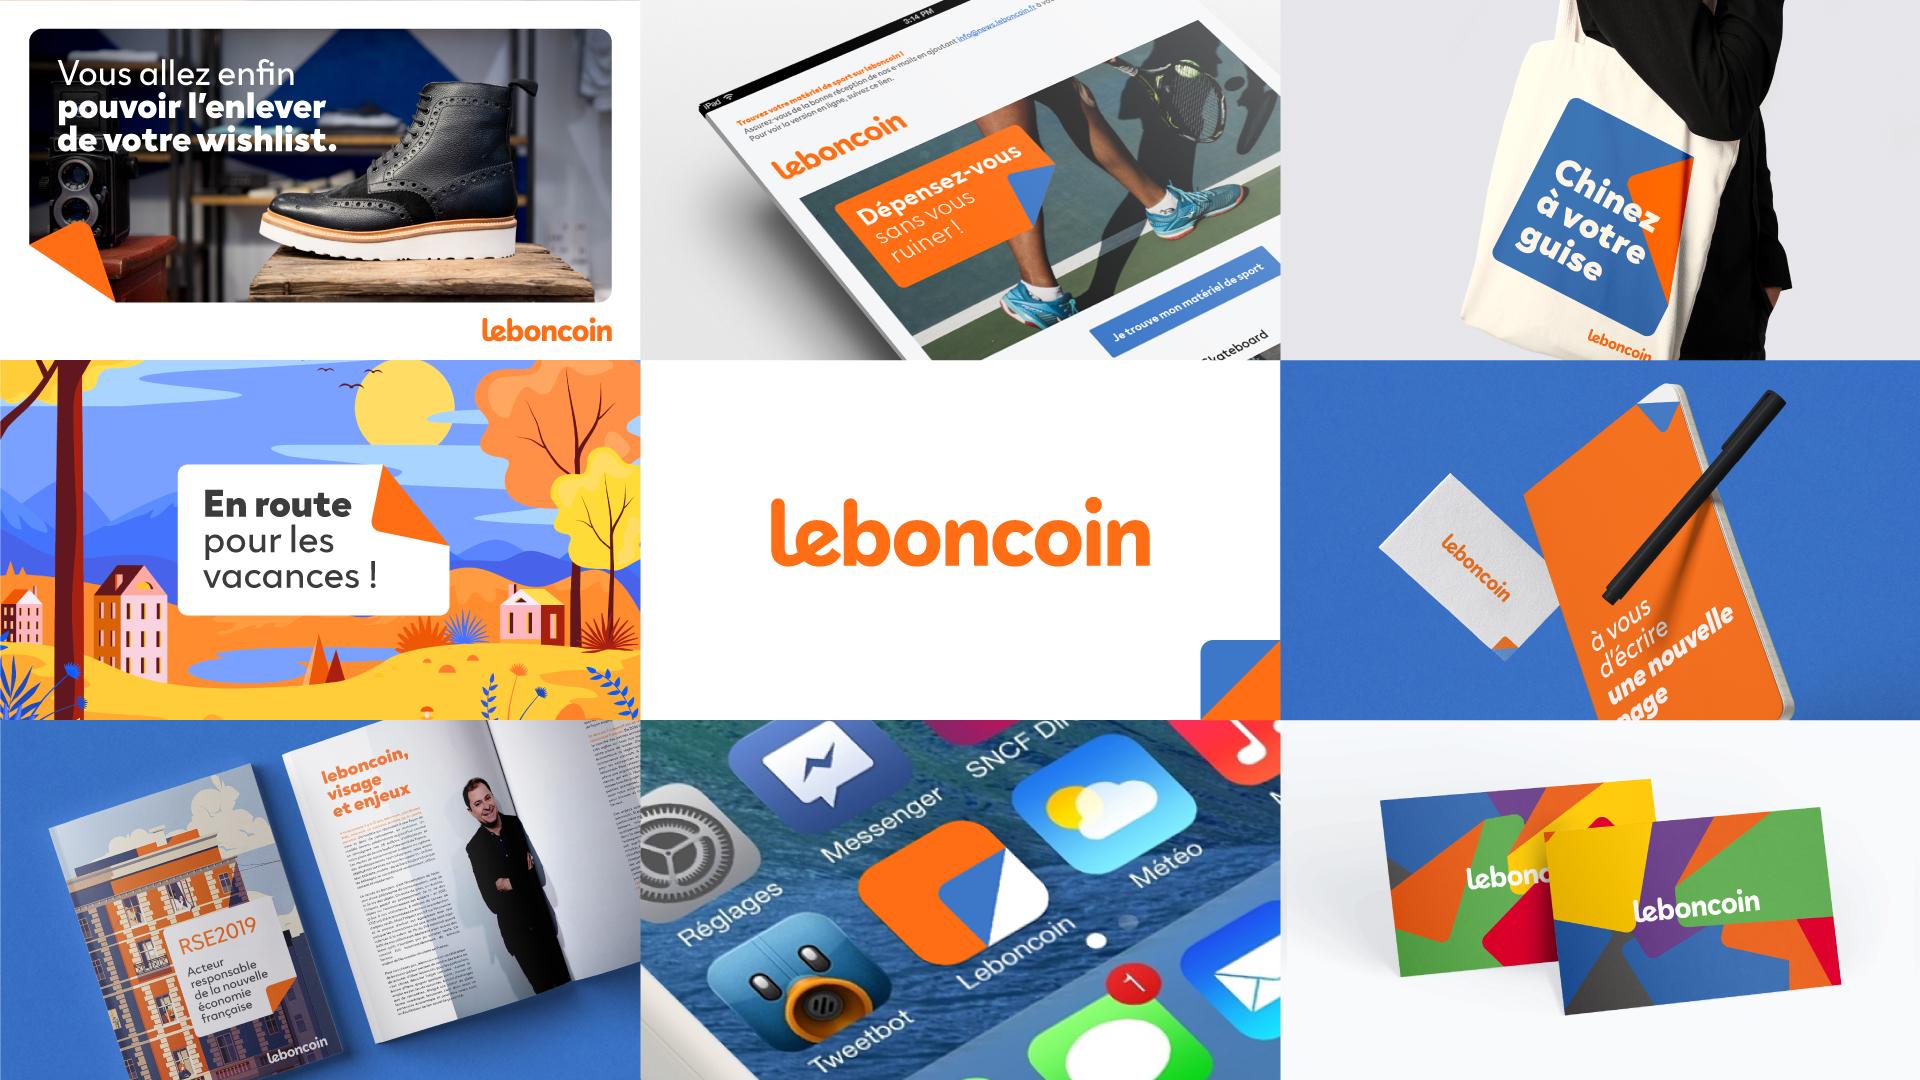 Récapitulatif de l'ensemble du nouveau territoire Leboncoin